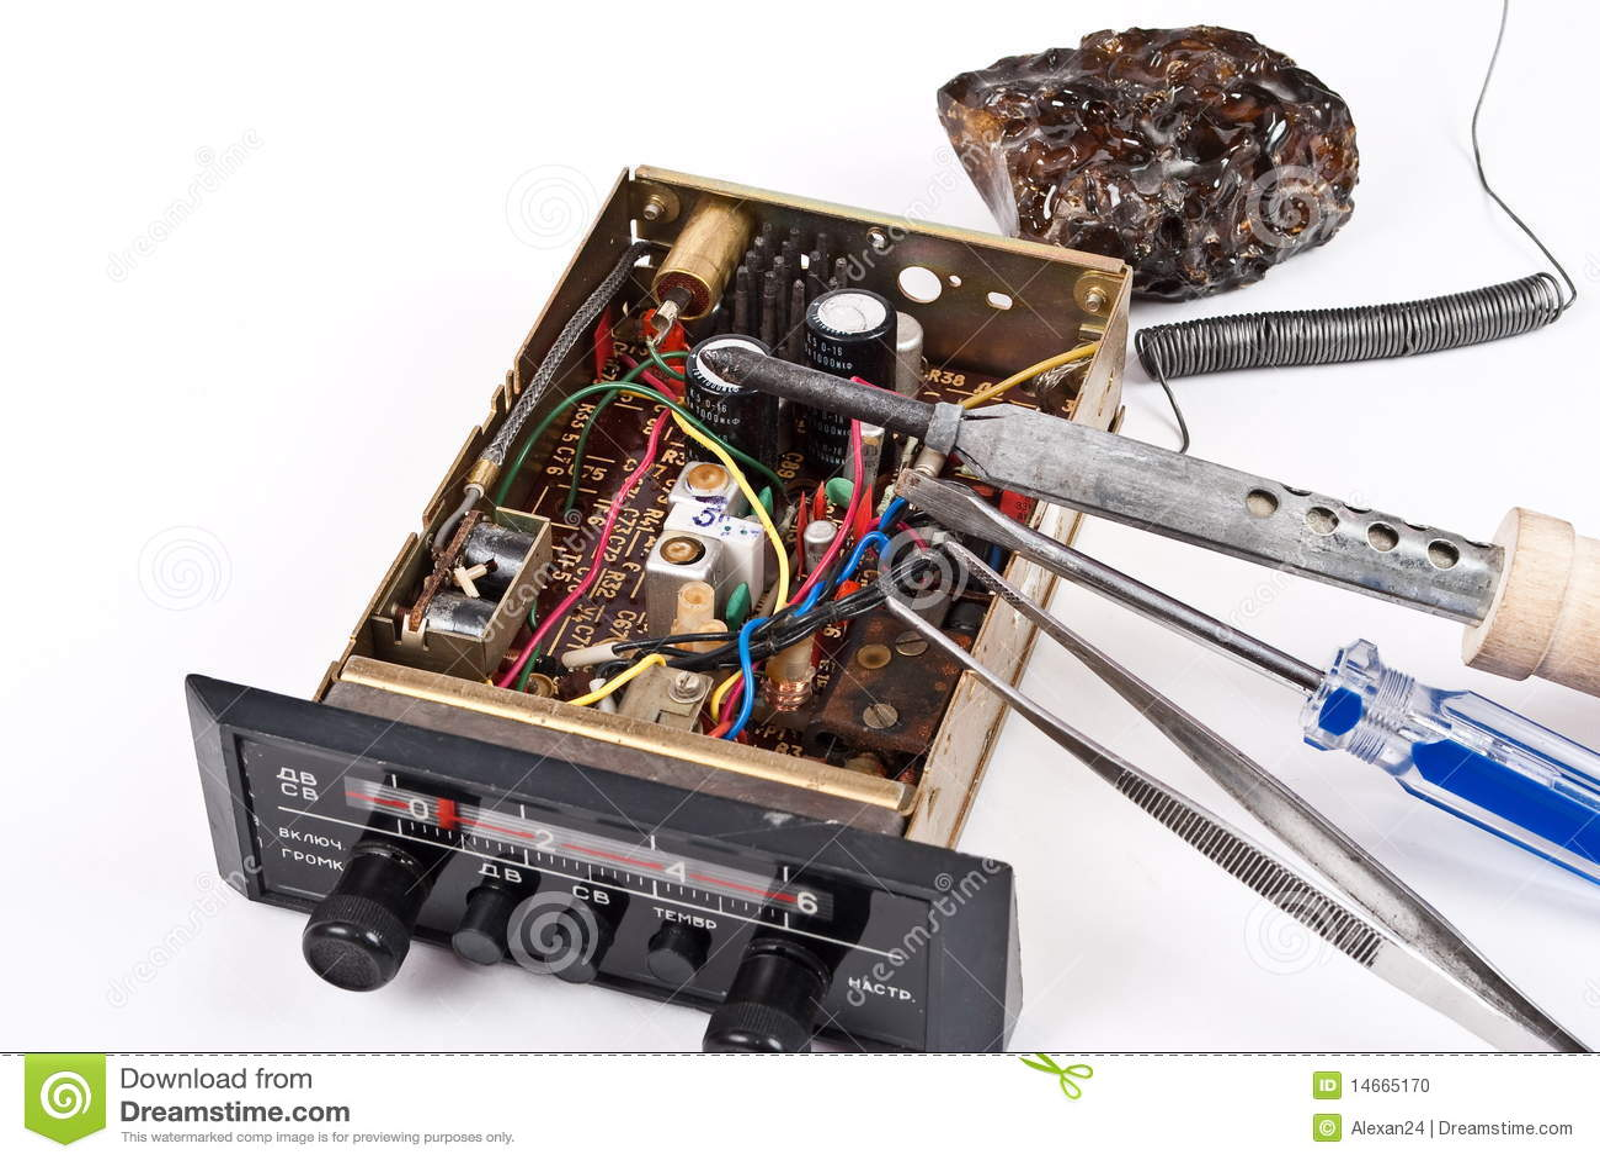 Auto Radio Repair